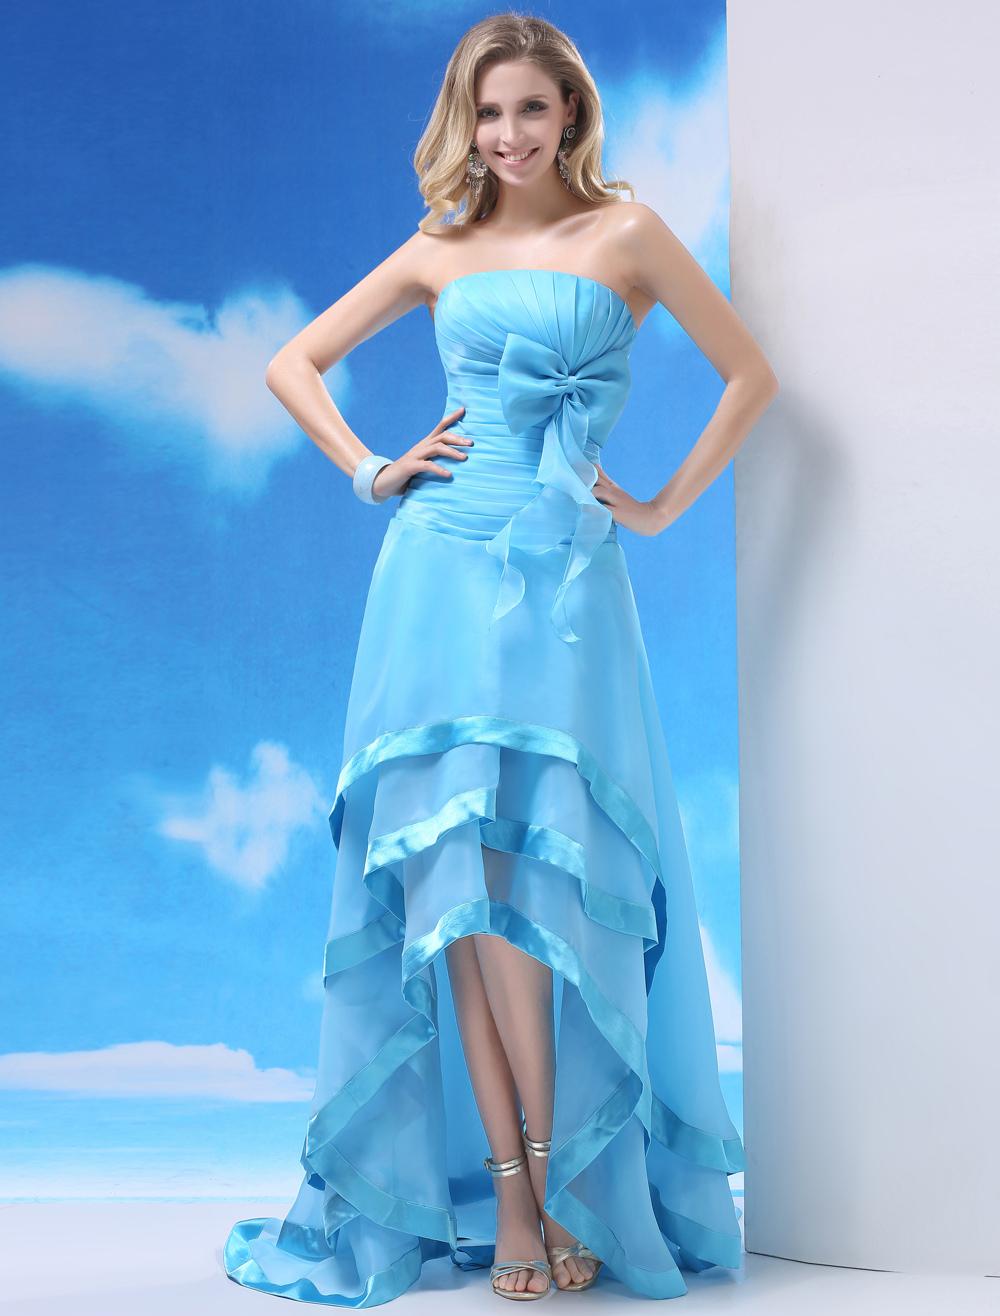 Light Sky Blue Strapless Bow A-line Asymmetrical Trim Prom Dress Milanoo (Wedding Prom Dresses) photo